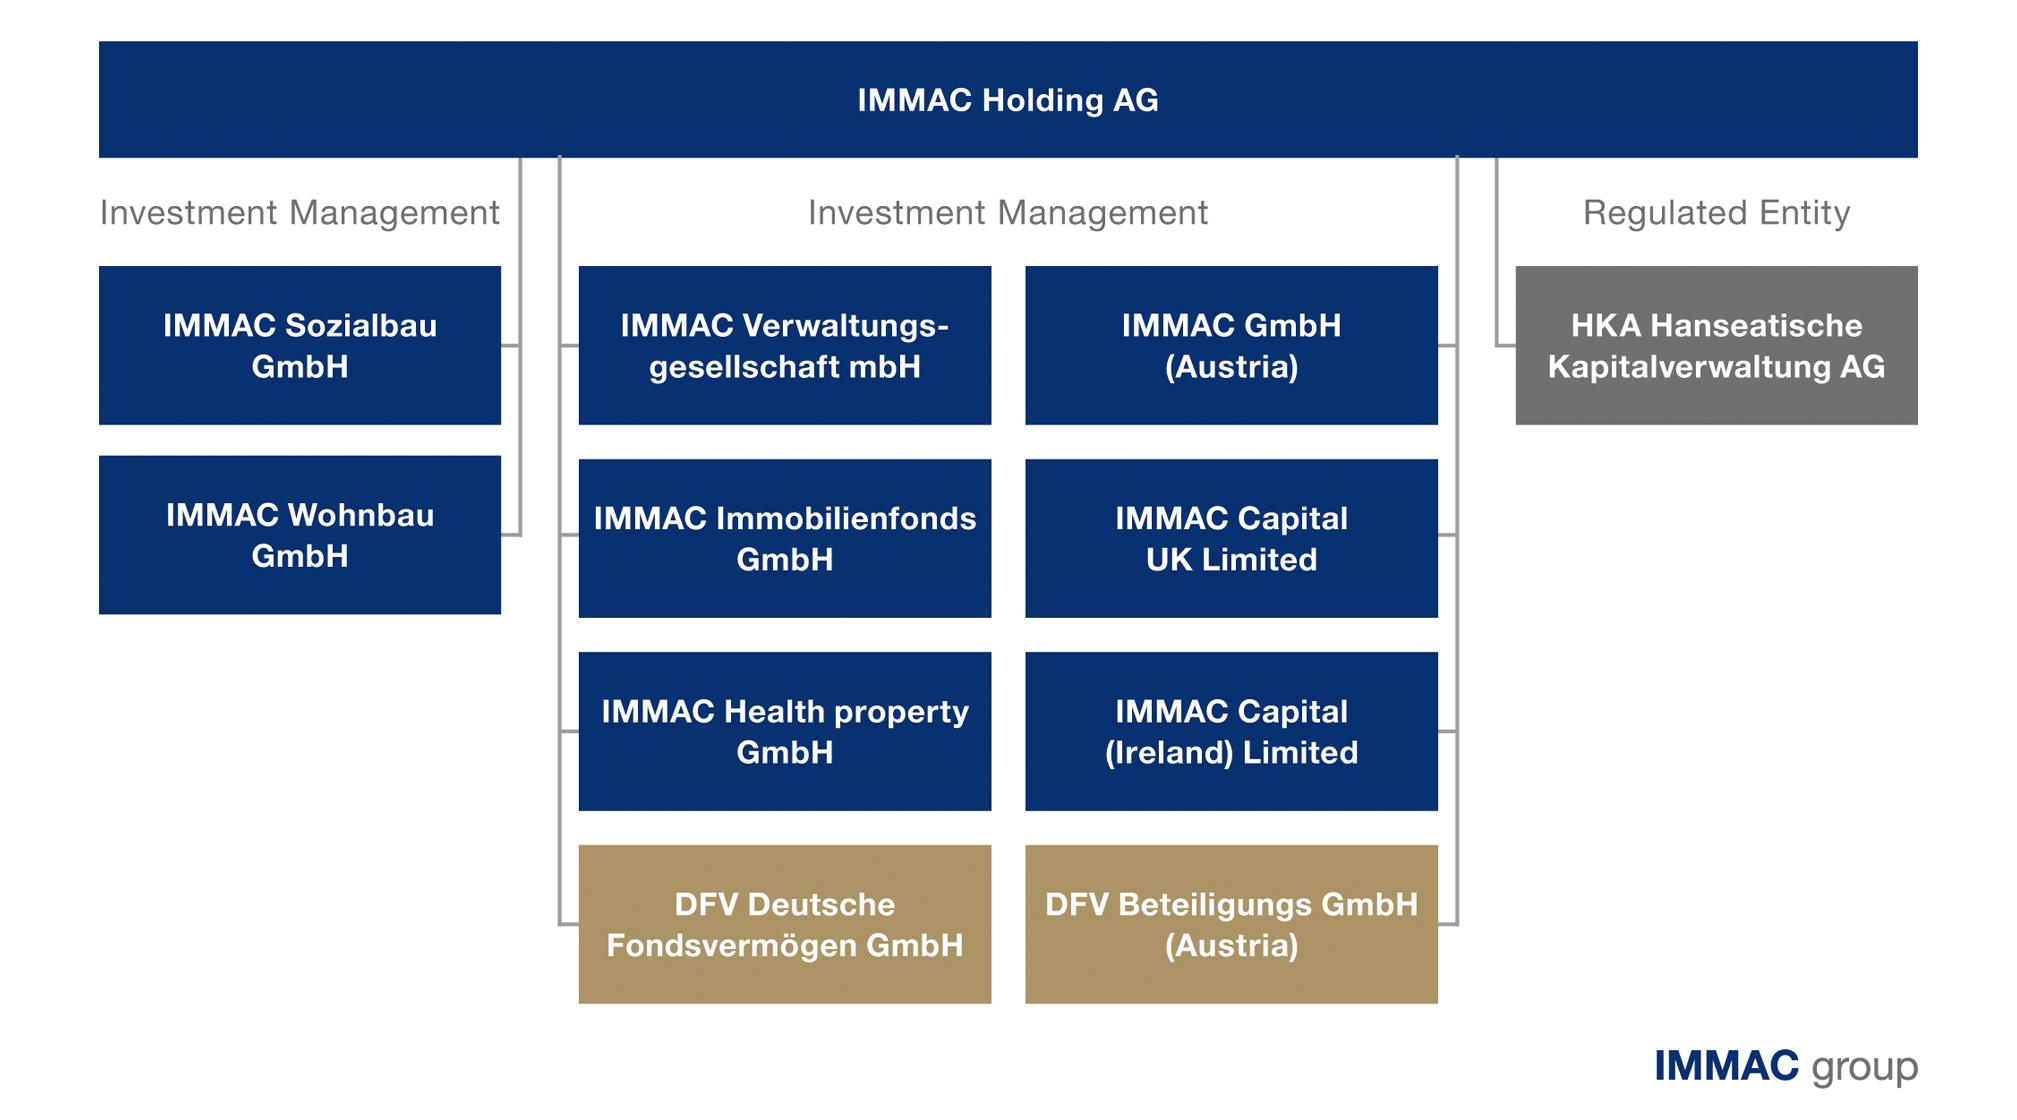 IMMAC-Organigramm_EN_20200127_2017x1120